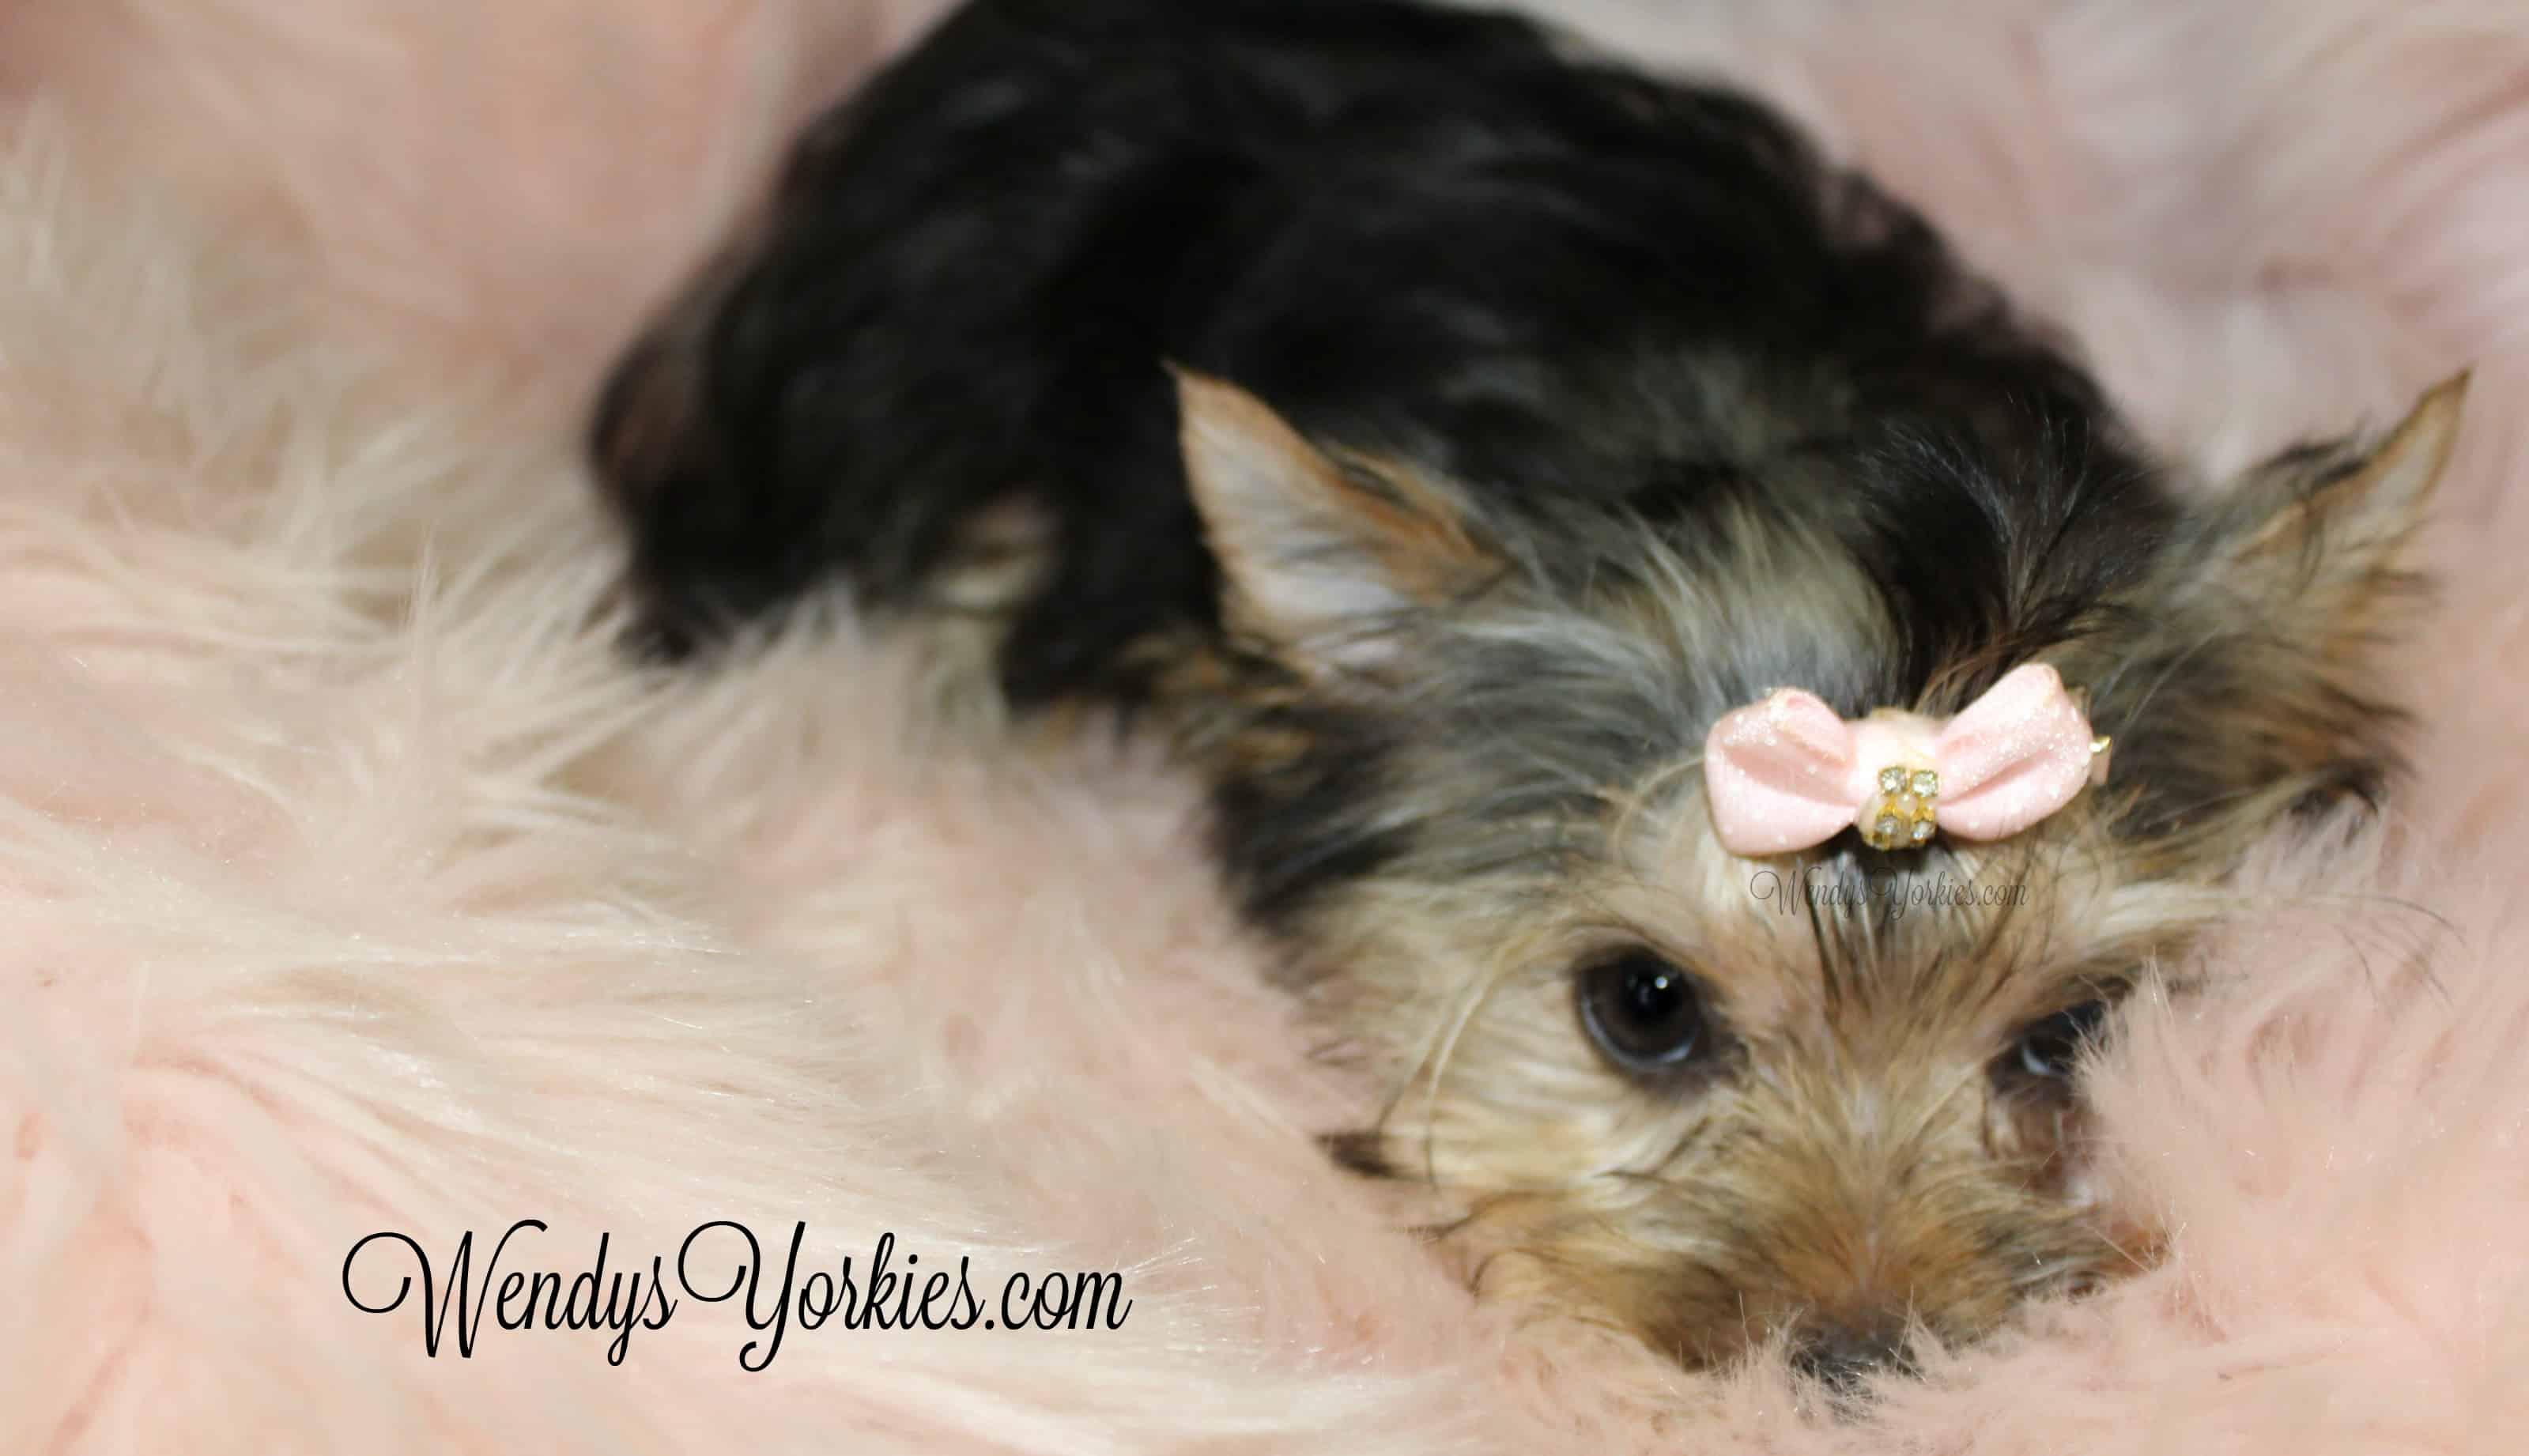 Teacup Yorkie puppy for sale, WEndysYorkies.com